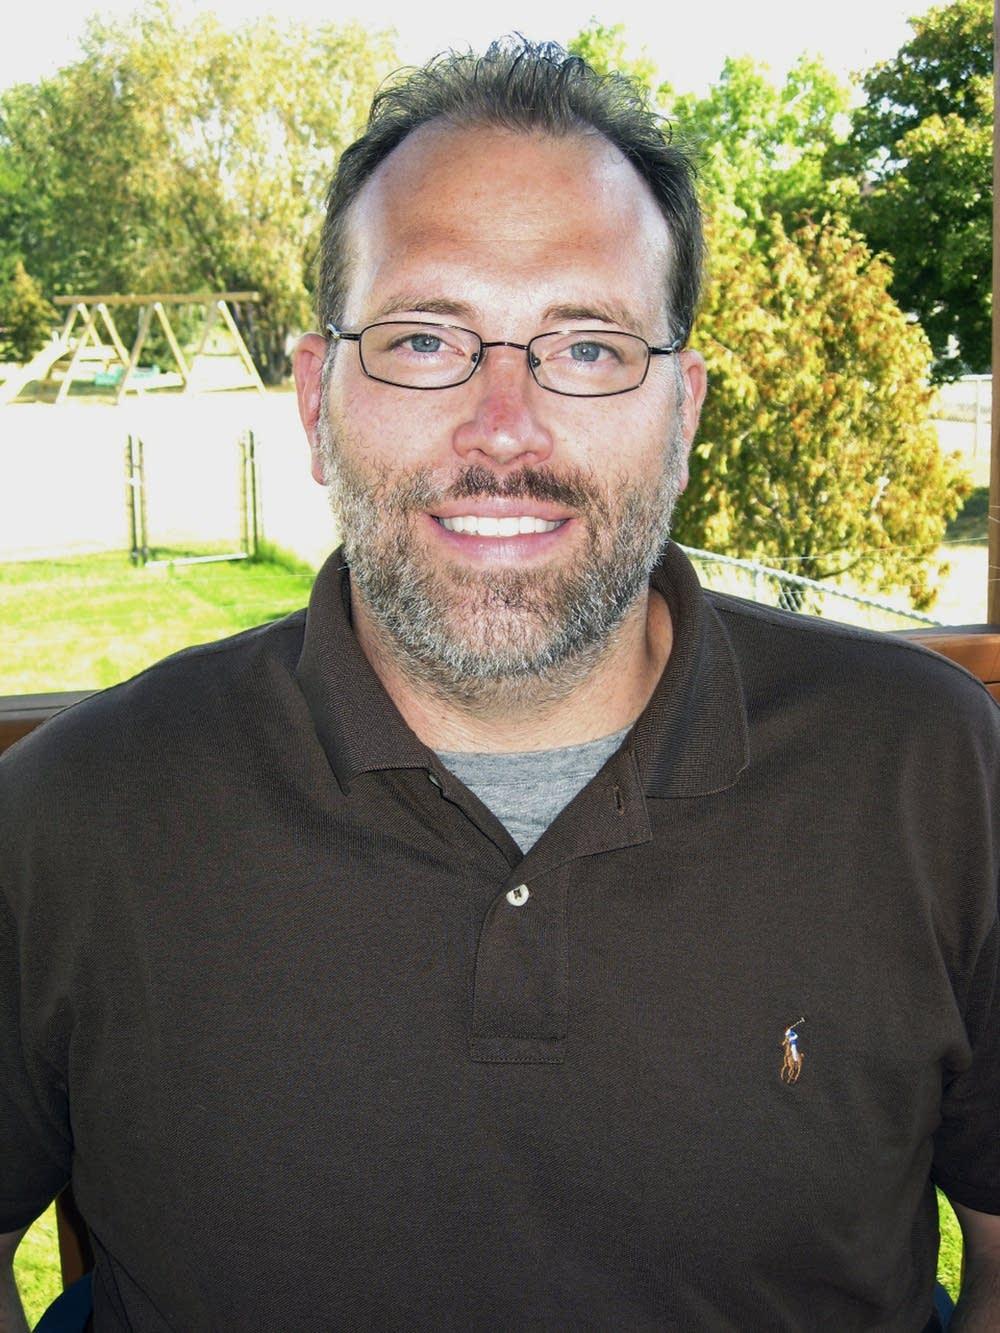 Bryan marshall christian dating